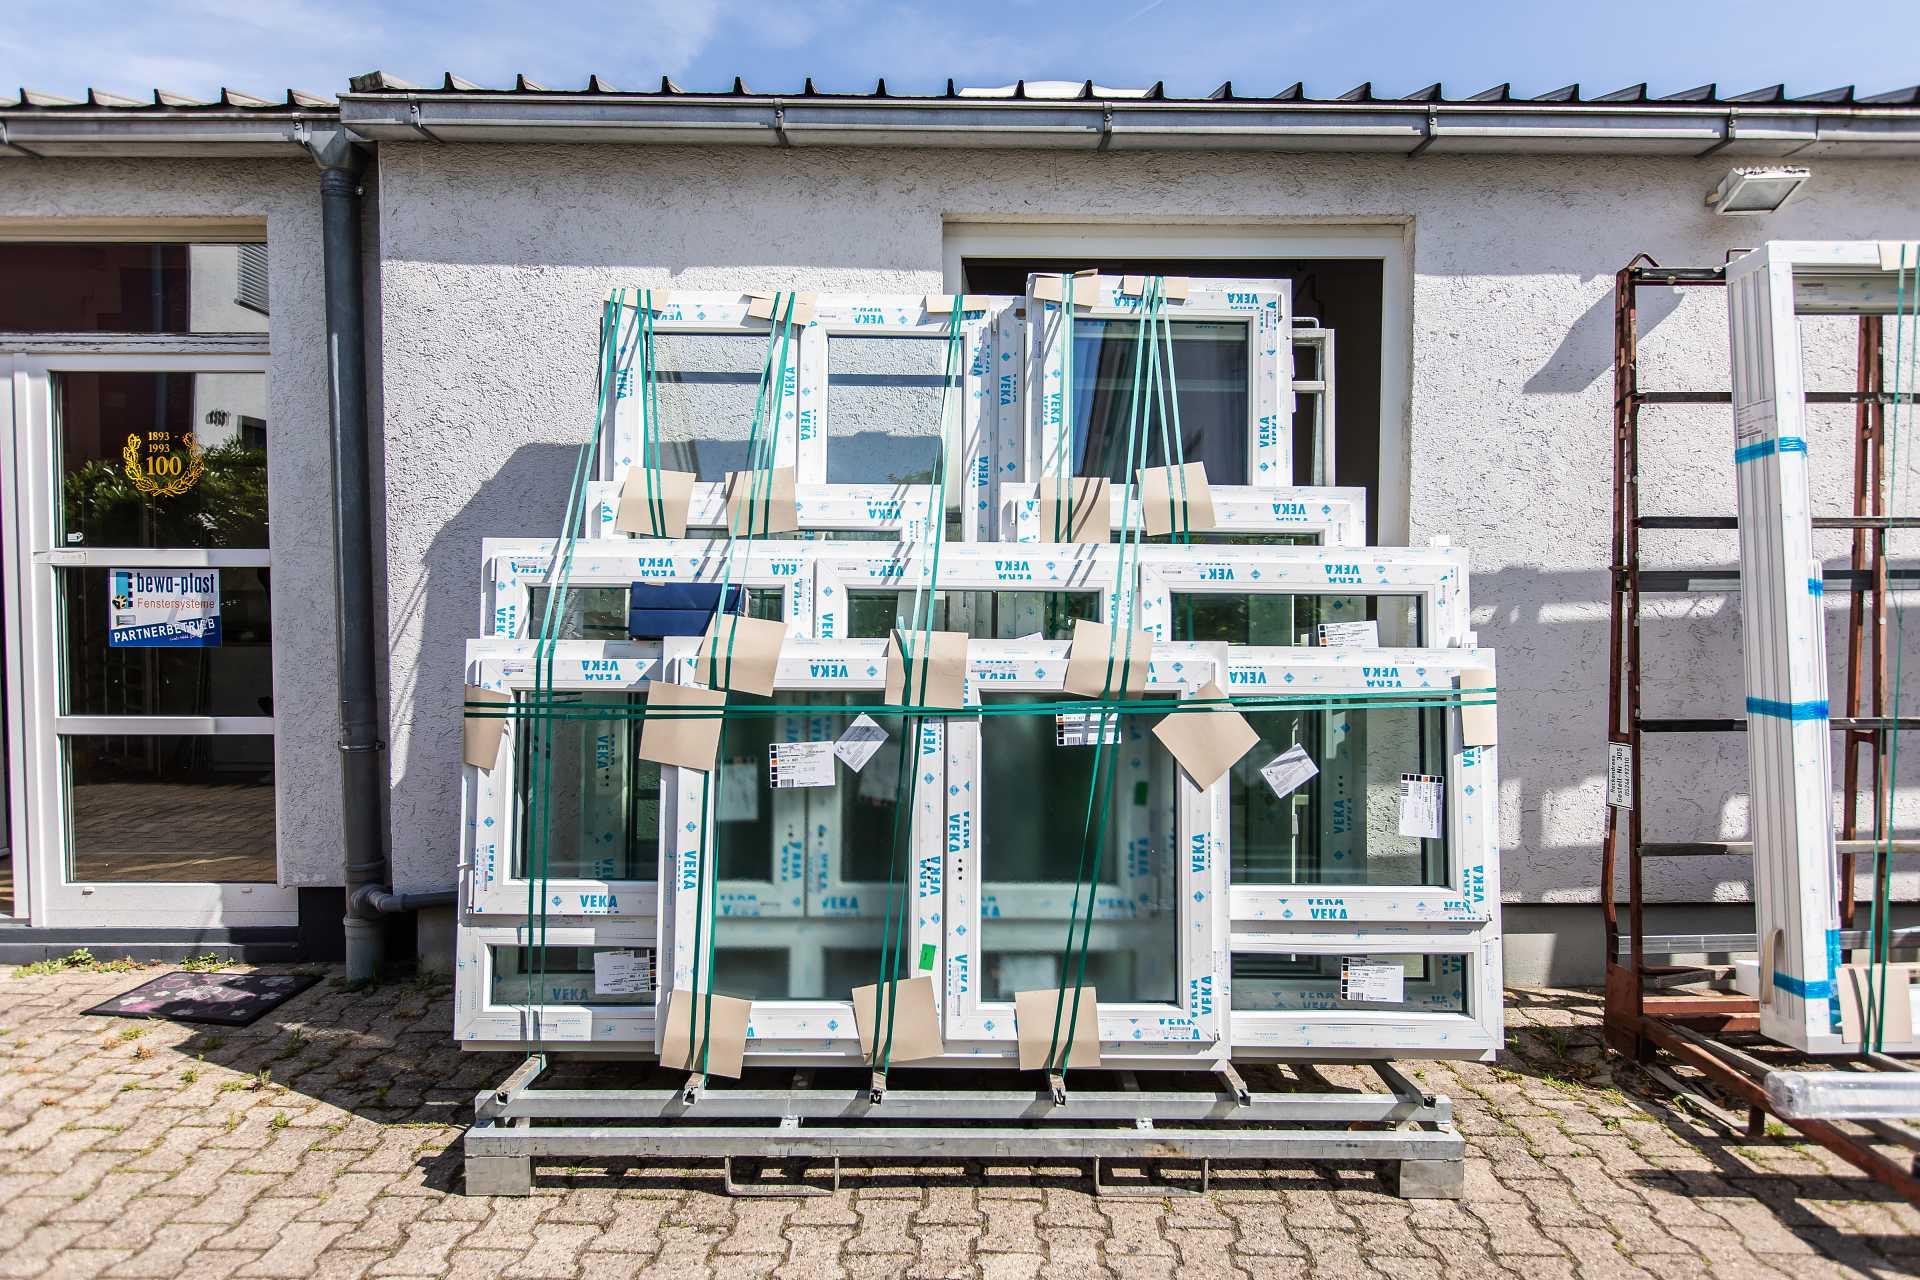 Fenster Frankfurt, Glaserei Frankfurt, Schrank Frankfurt, Schreinerei Frankfurt, Türen Frankfurt